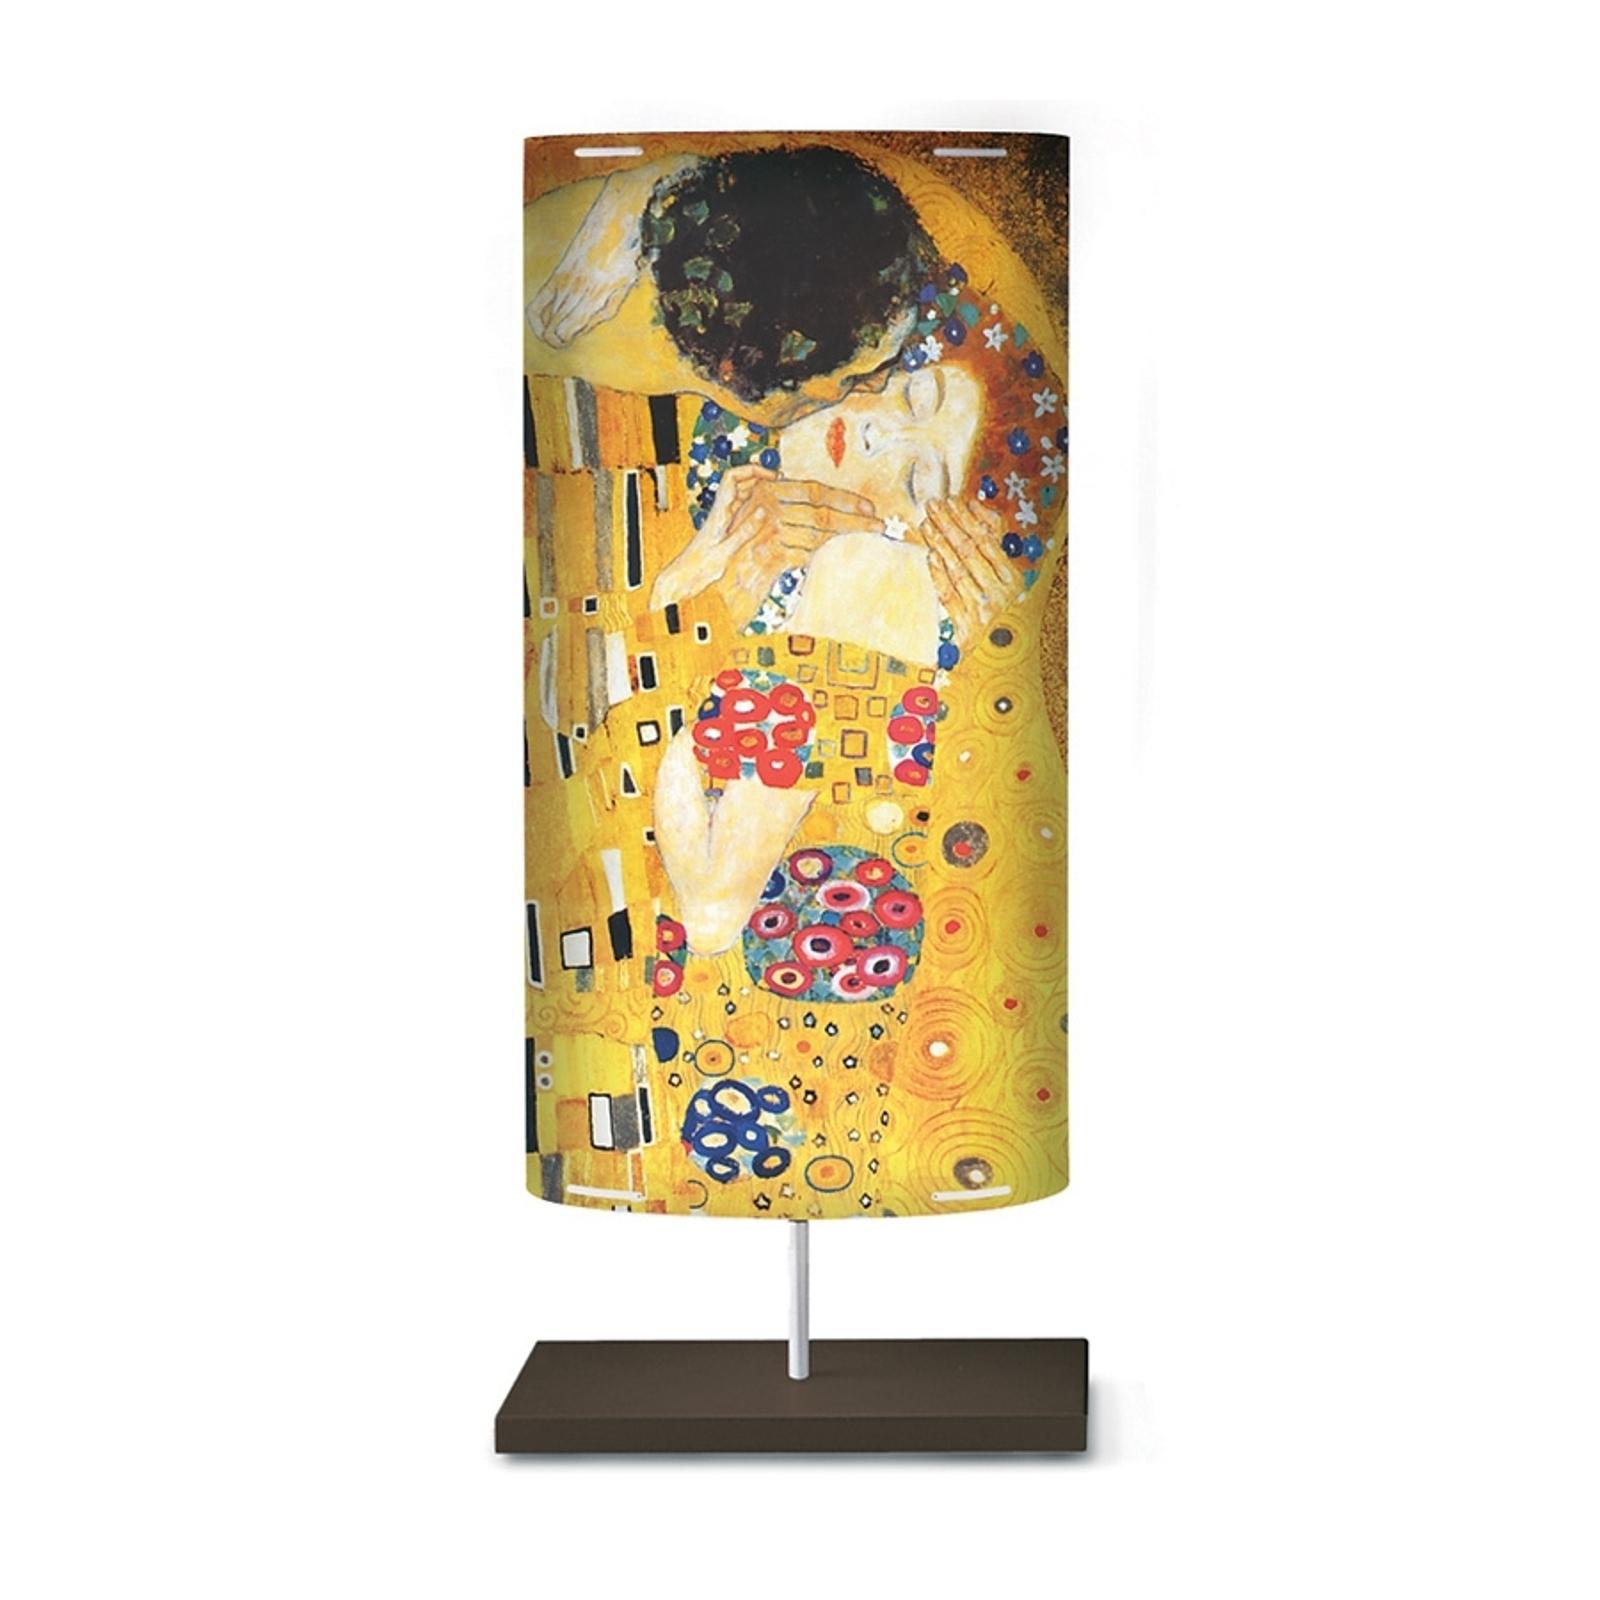 Golvlampa Klimt III med konstmotiv.